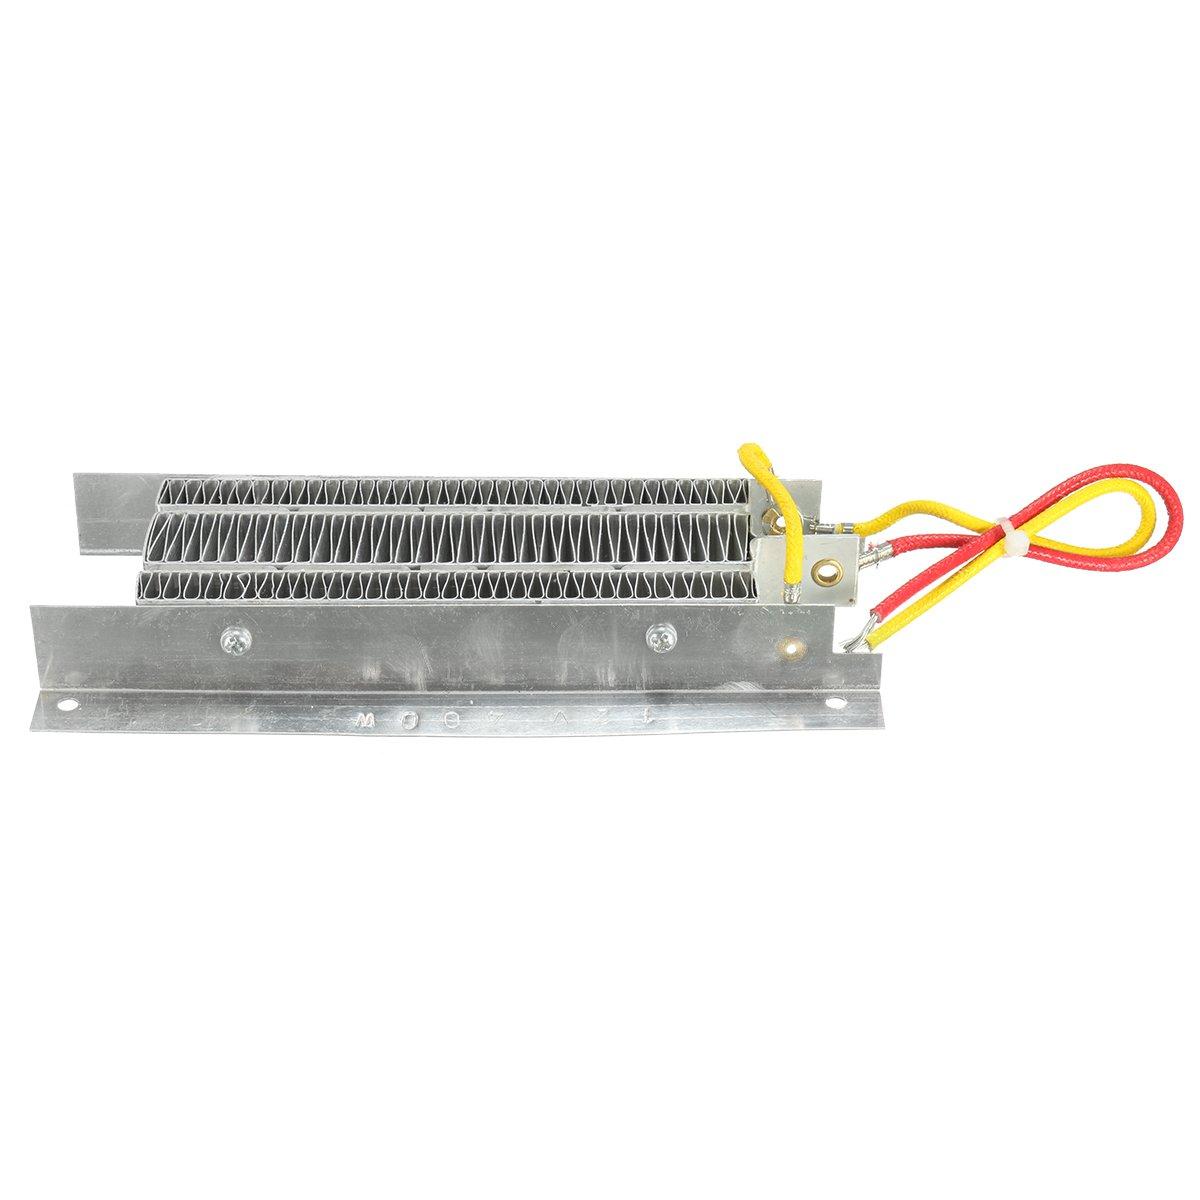 ILS Kit 400W 12V elettrico in ceramica termostatica isolamento PTC riscaldamento elemento riscaldante